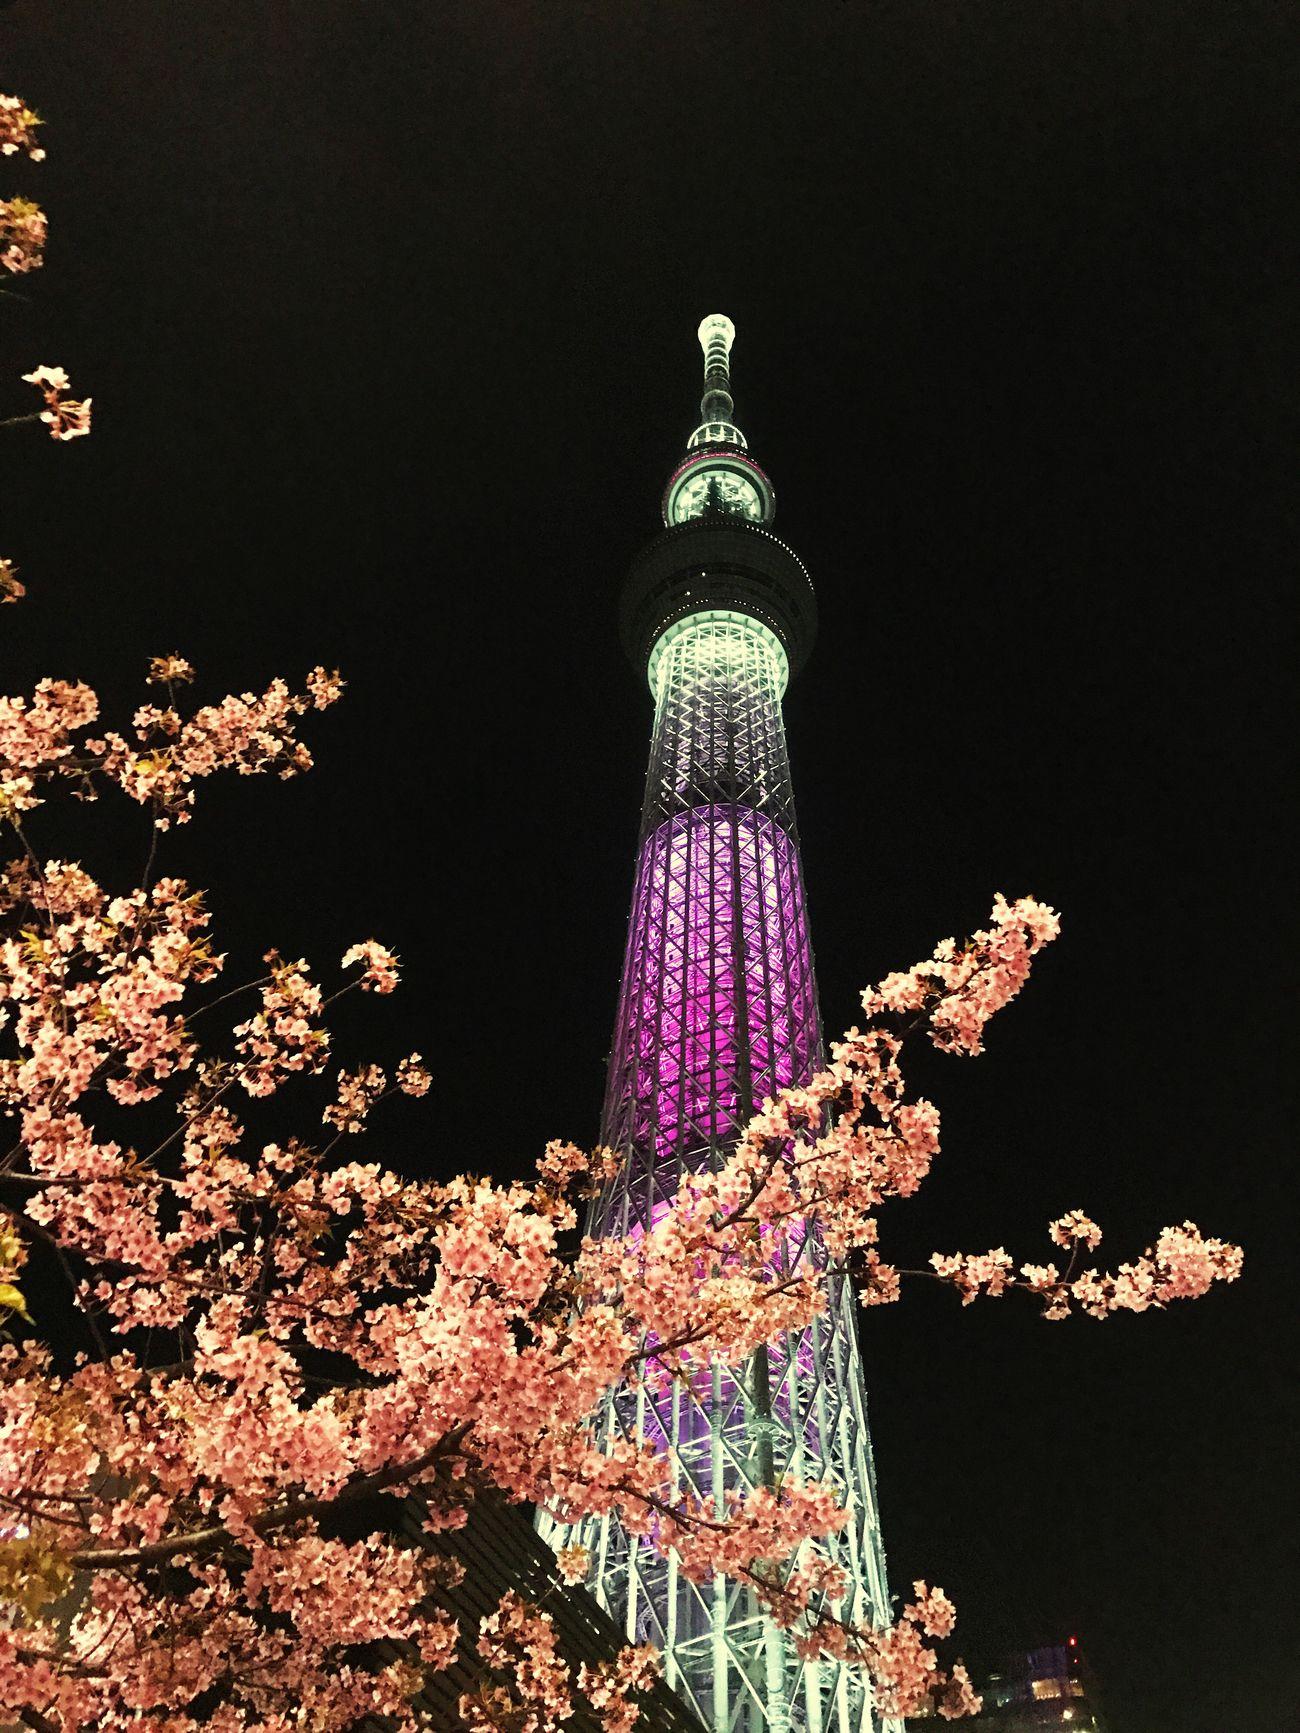 東京 スカイツリー Night Sky 桜 Beauty In Nature